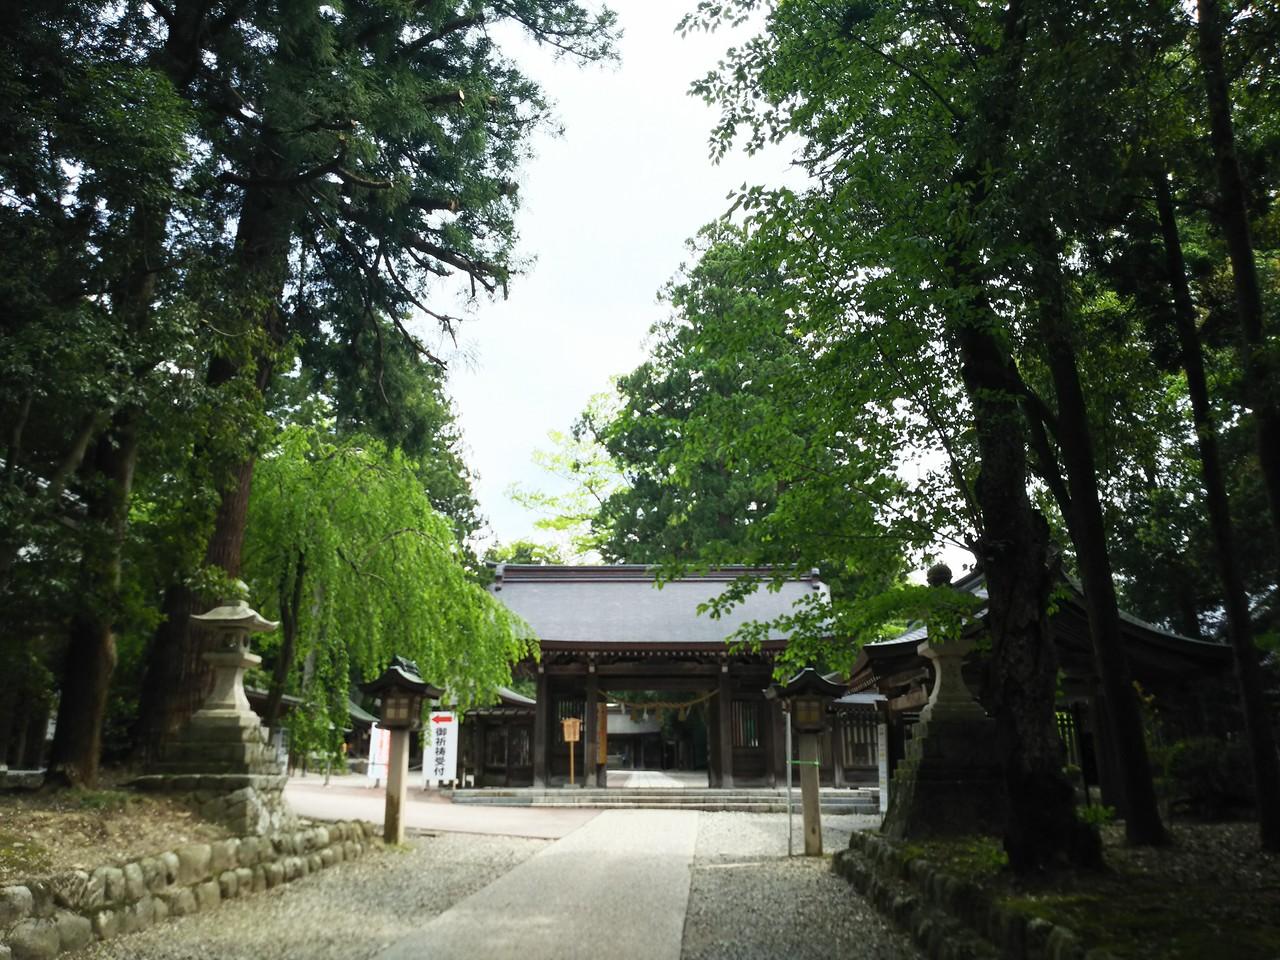 雄山神社芦峅中宮祈願殿